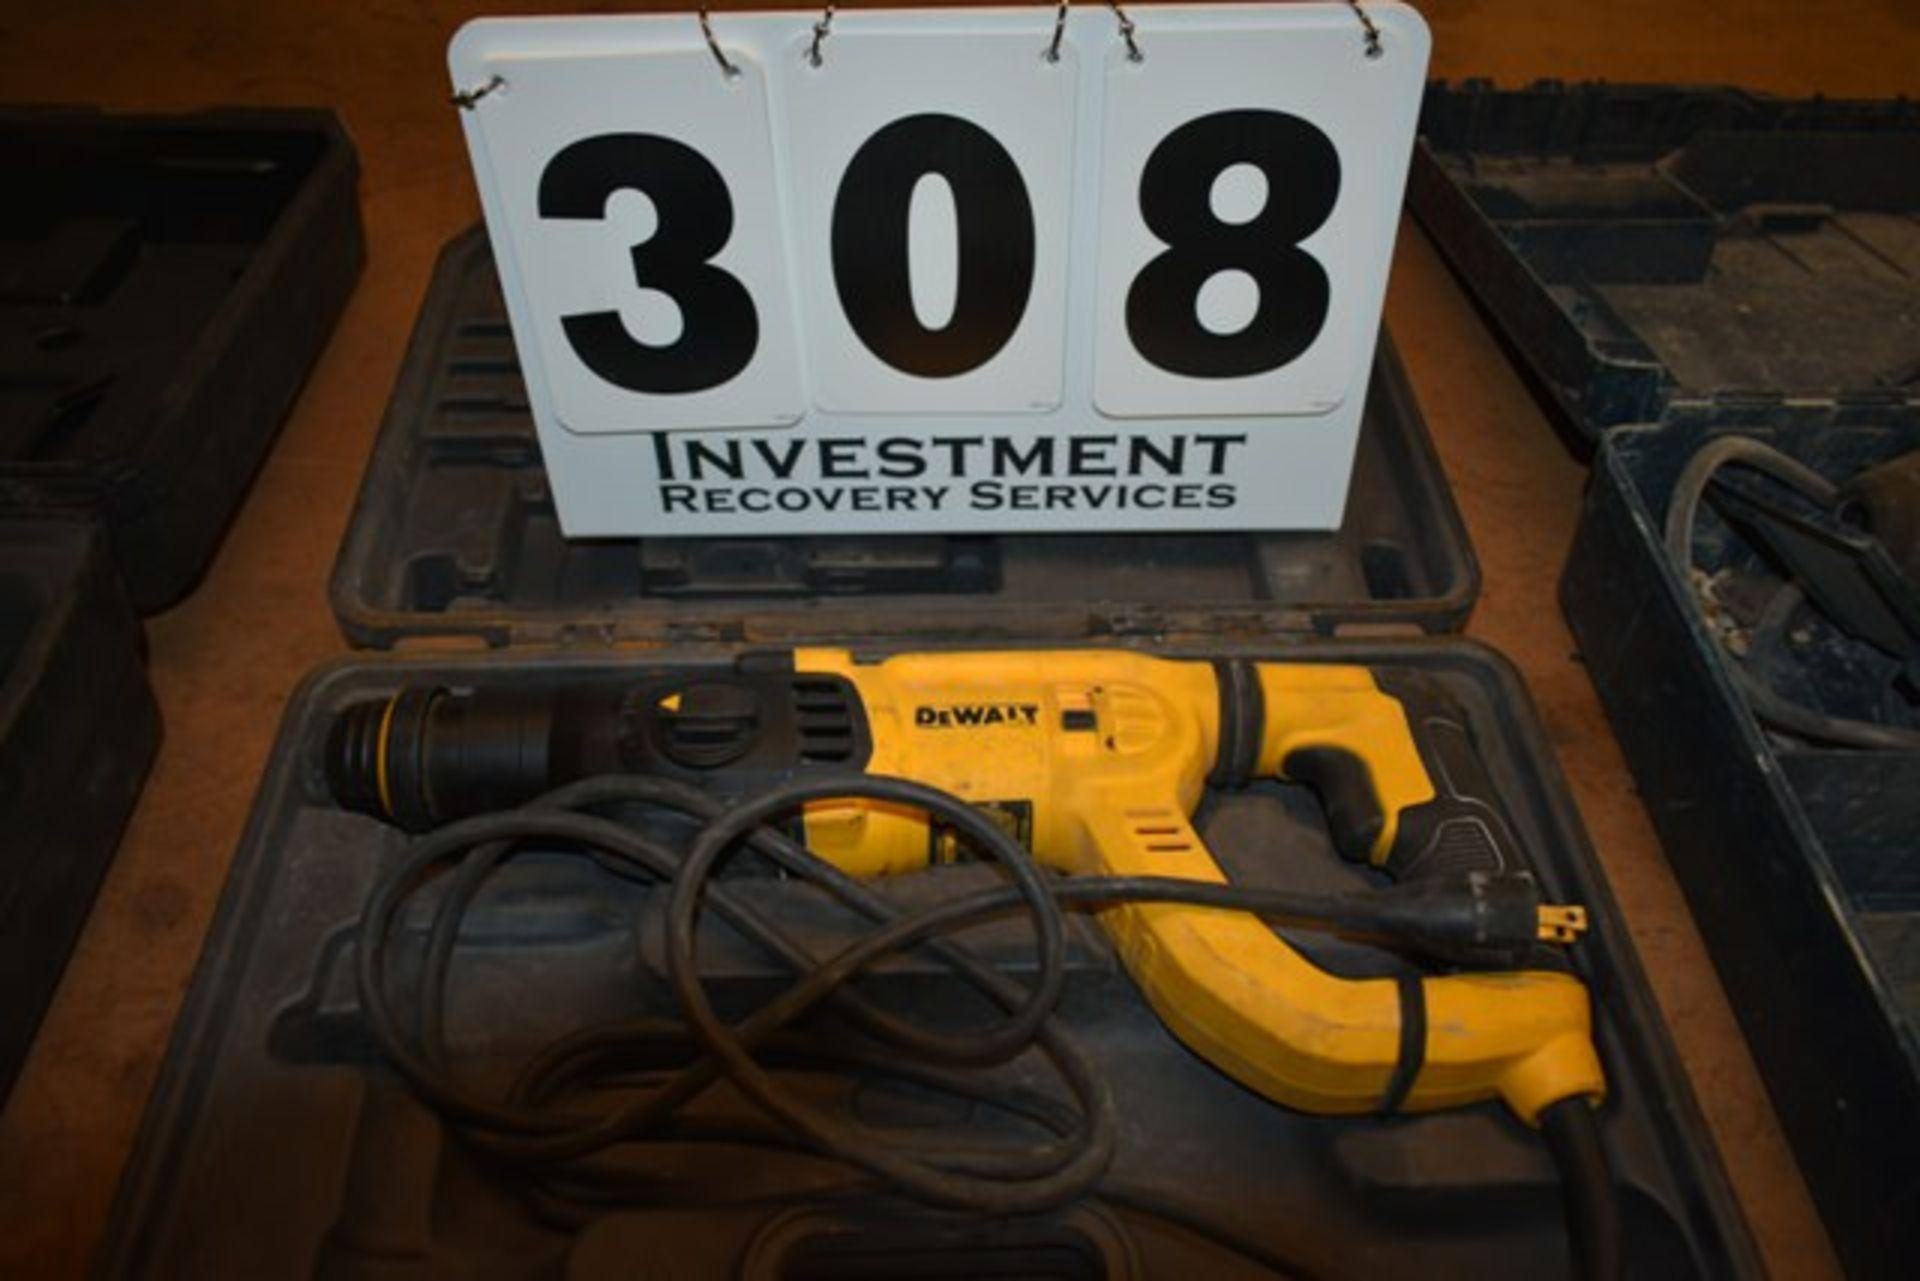 Lot 308 - DEWALT ELECTRIC HAMMER DRILL